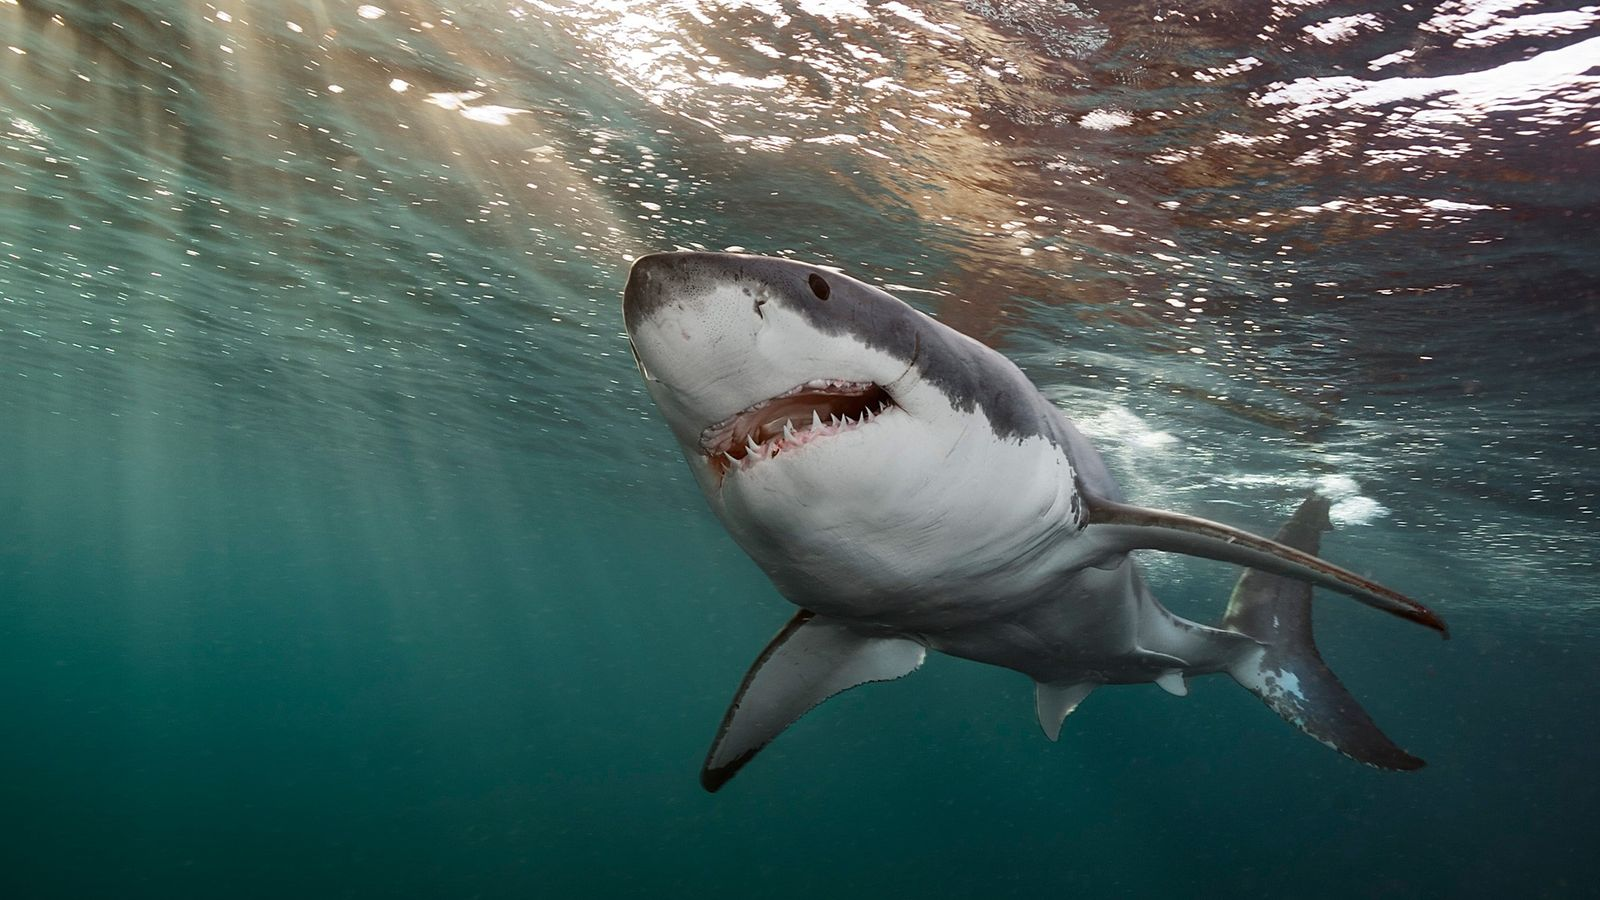 Un grand requin blanc nage dans les eaux des îles Neptune.